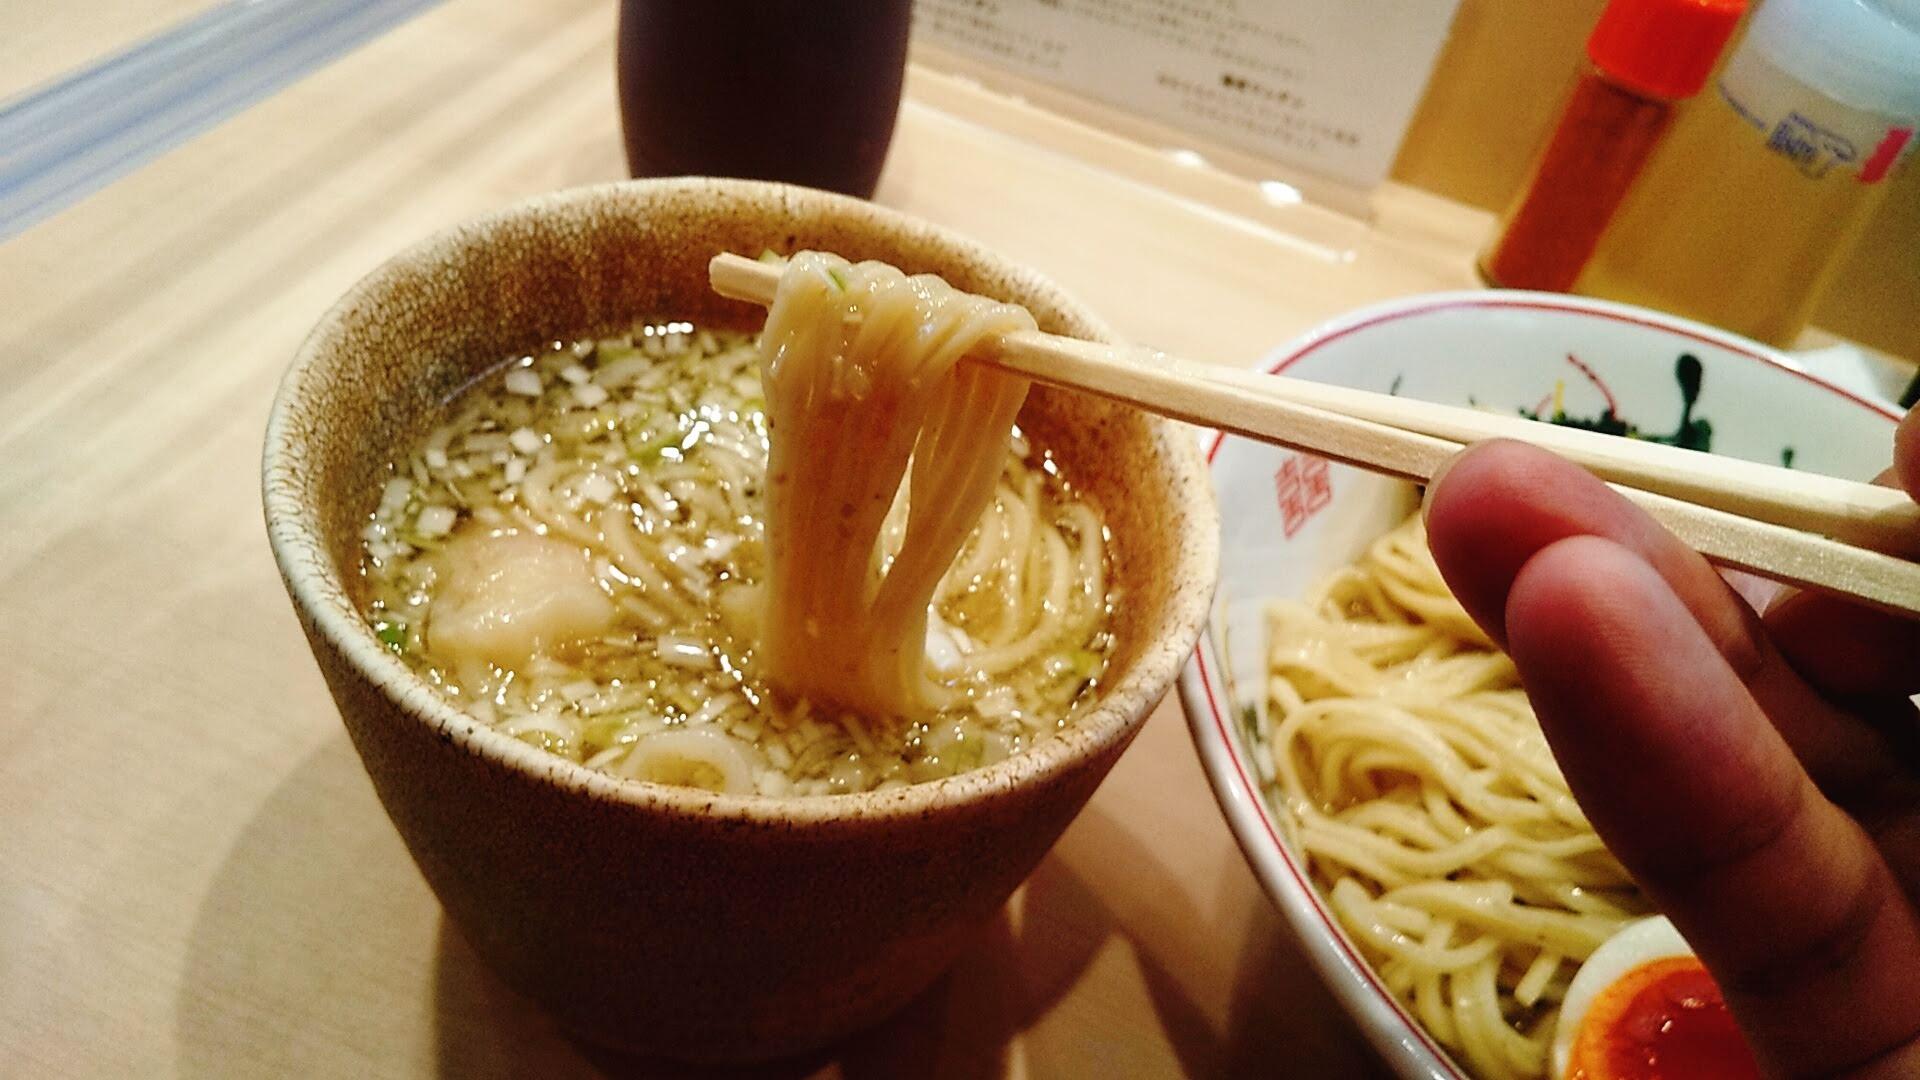 金龍の全部入りつけ麺の麺リフト写真